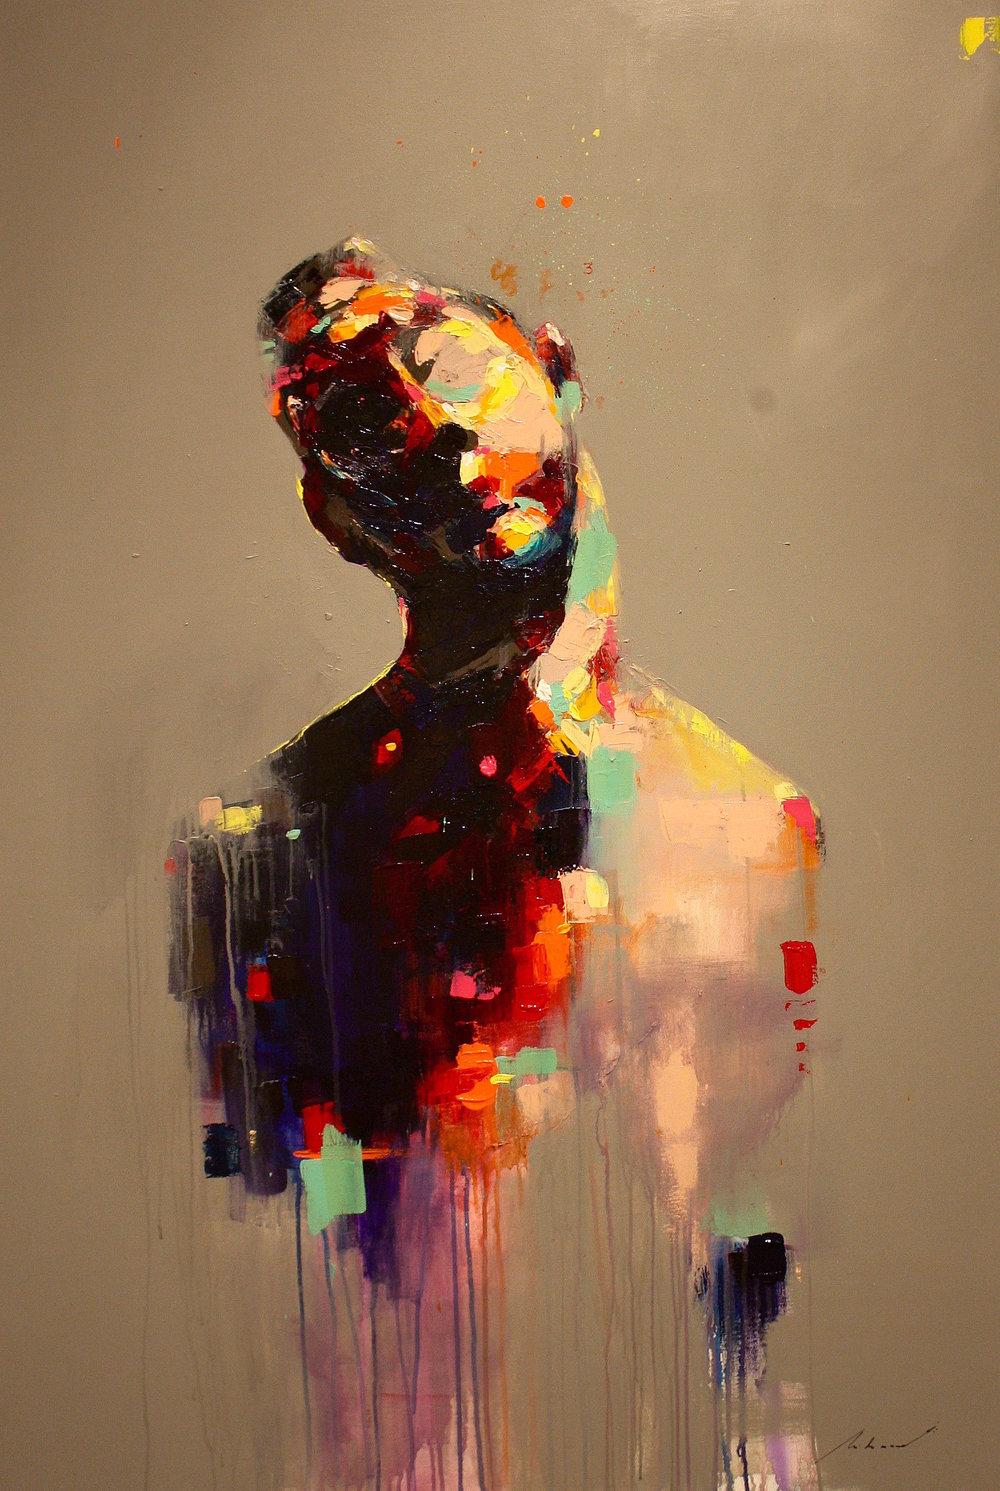 O Artista 3, 2018 | Acrílica sobre tela | 140 x 90 cm | R$ 7,560